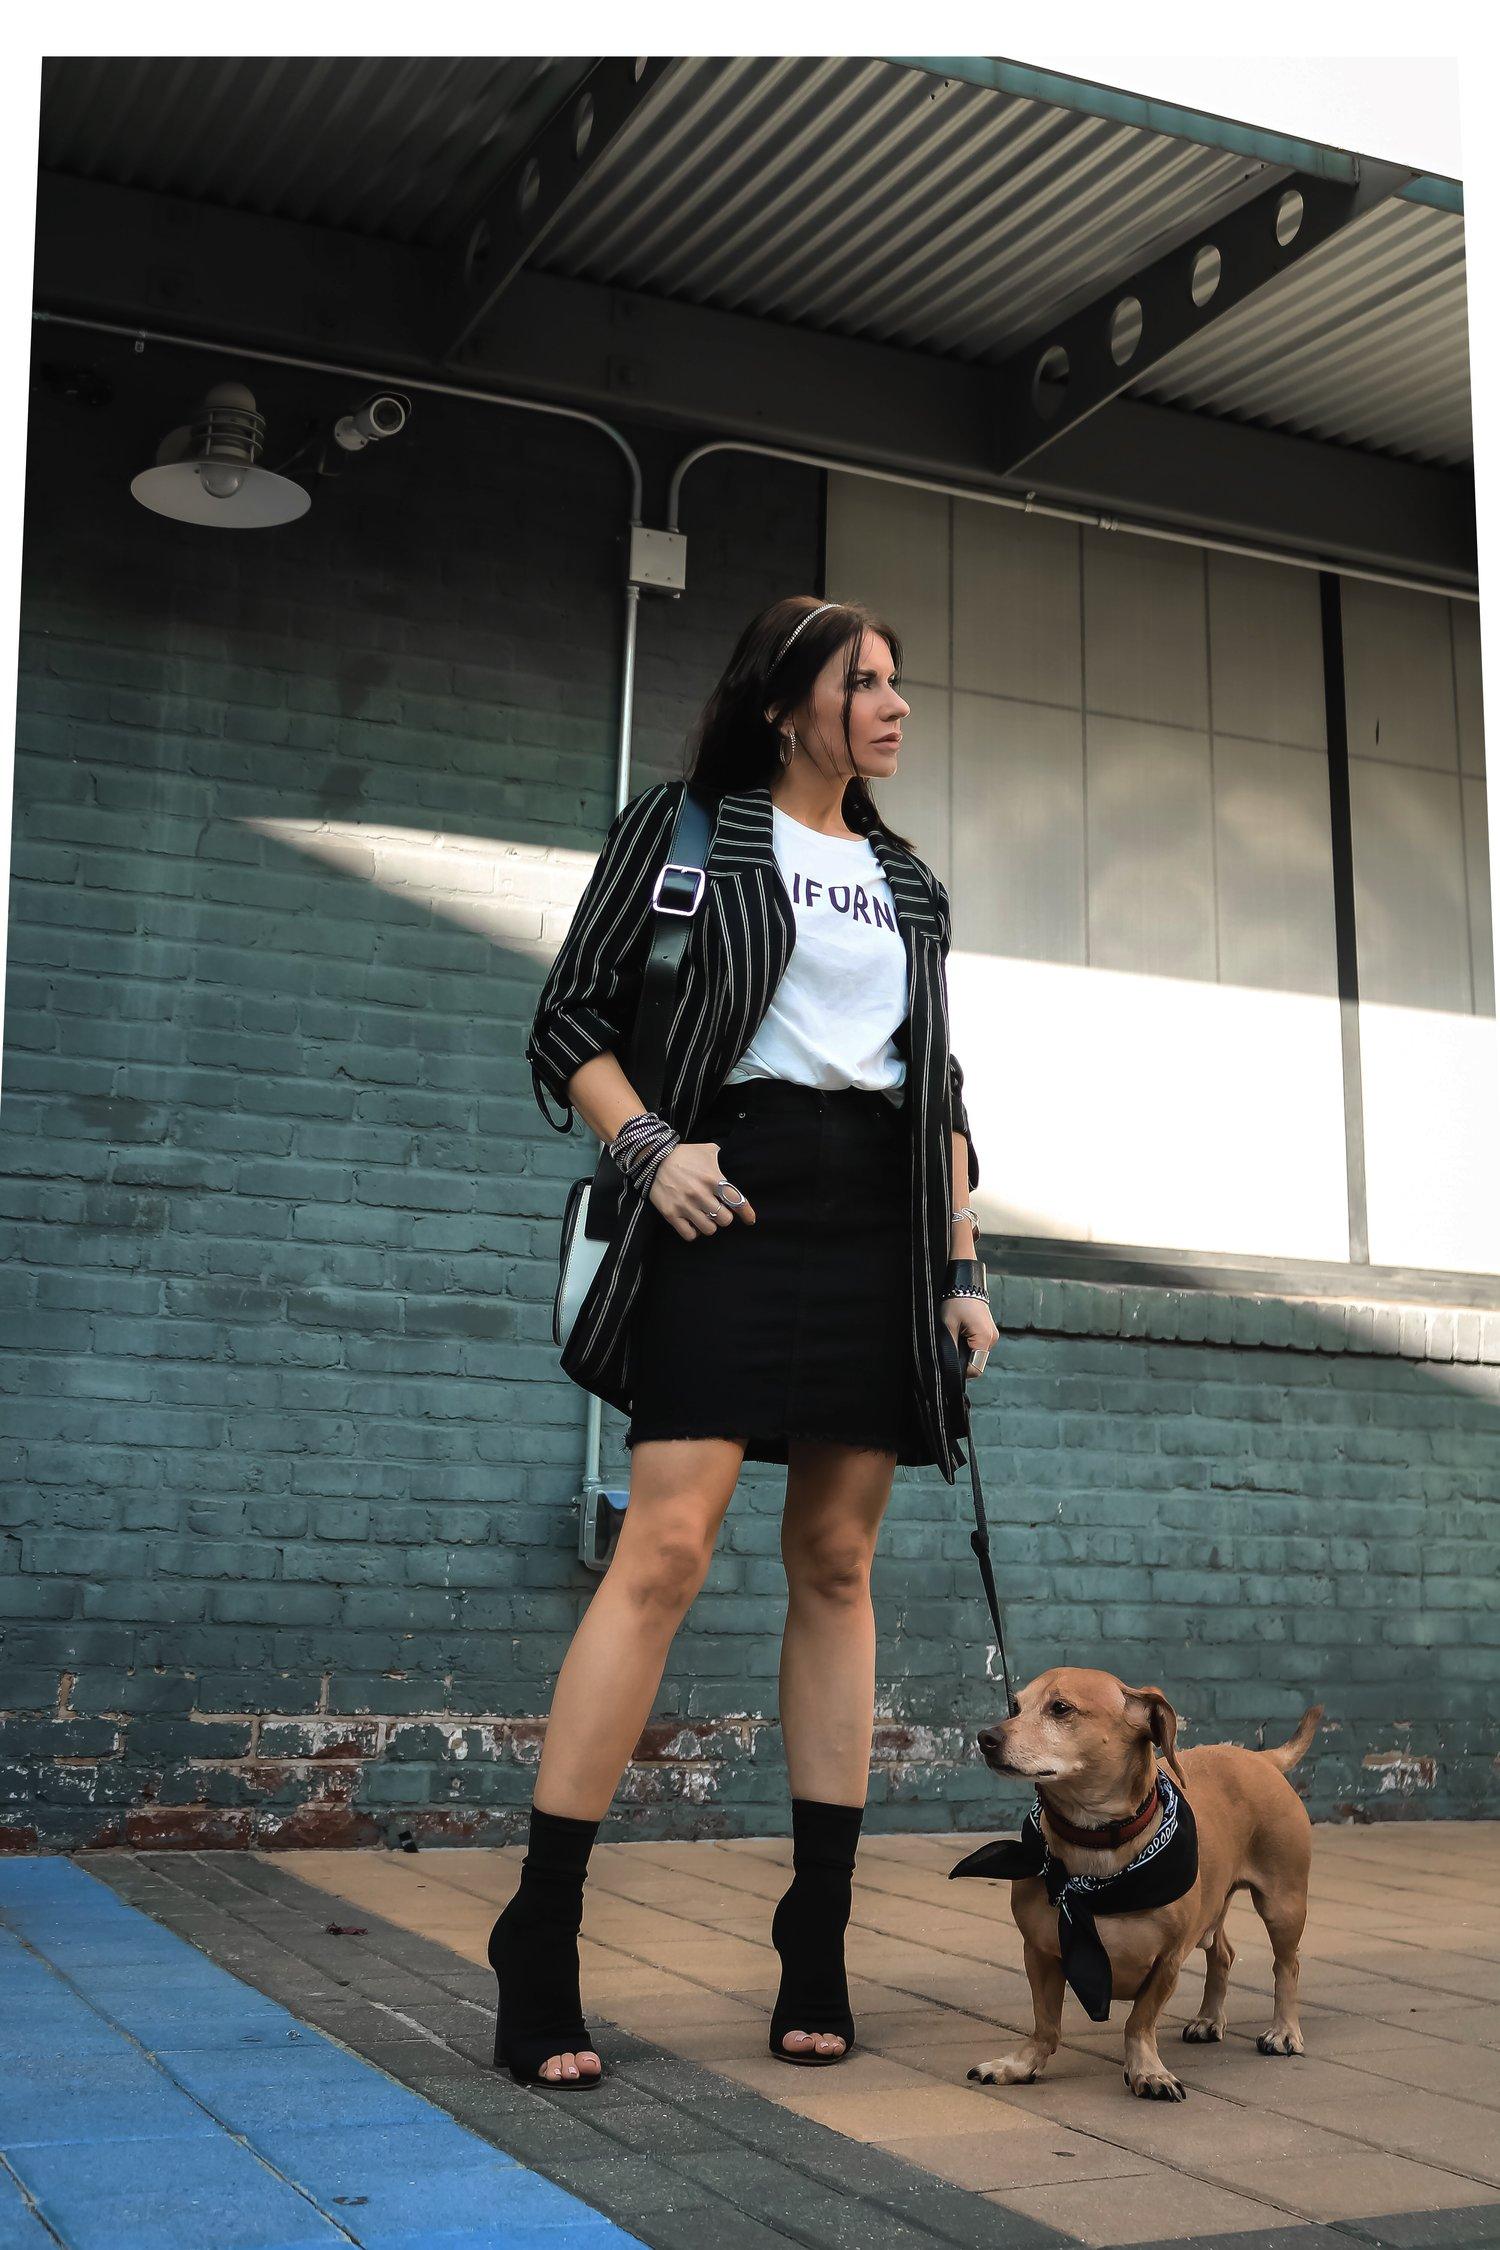 sabel Alexander Wearing Stradivarius Boyfriend Striped Blazer H&M Studded Denim Skirt With Her Daschund Dog